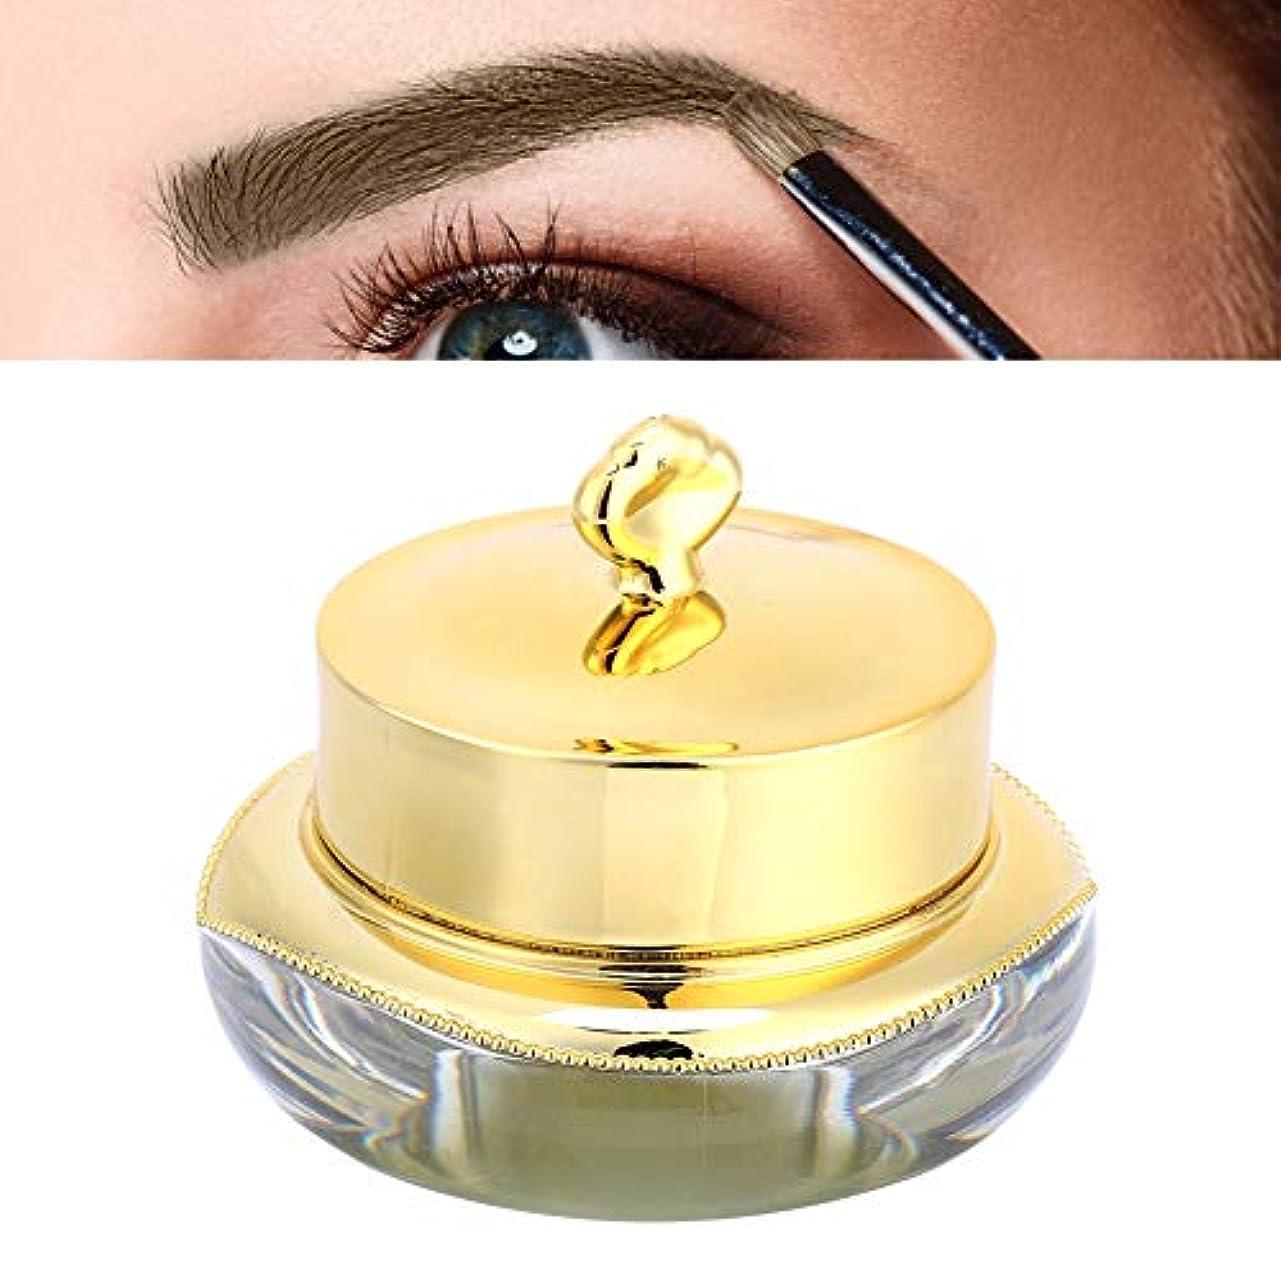 同情振る食事眉毛インク 天然植物 顔料 顔料の半永久的な唇の眉毛の 長続きがするインククリームの眉毛の唇のアイラインの永久的な構造(コーヒー)